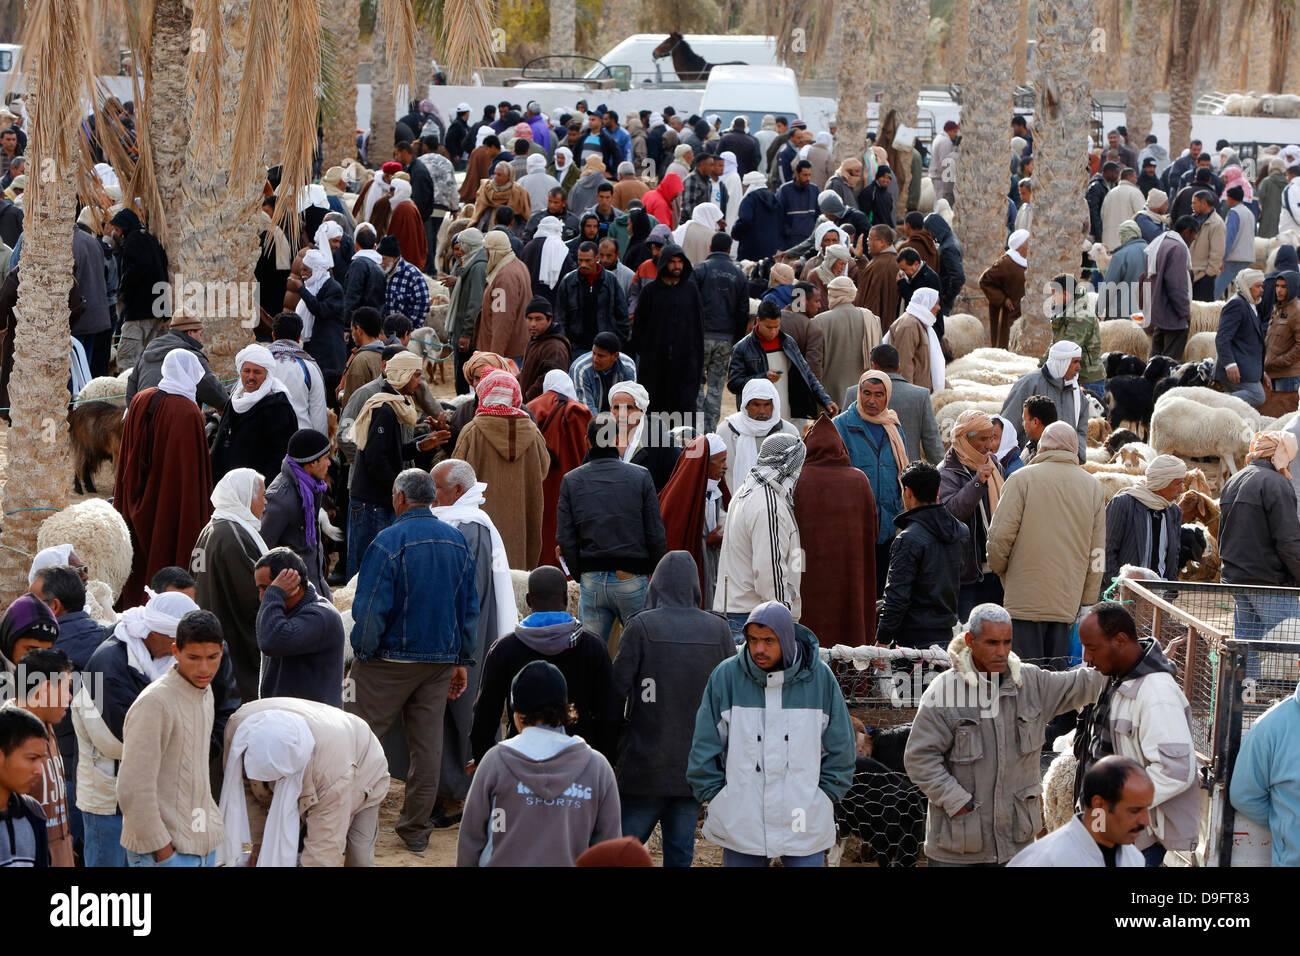 Marché aux bestiaux hebdomadaire à Douz, Tunisie, Afrique du Sud Banque D'Images